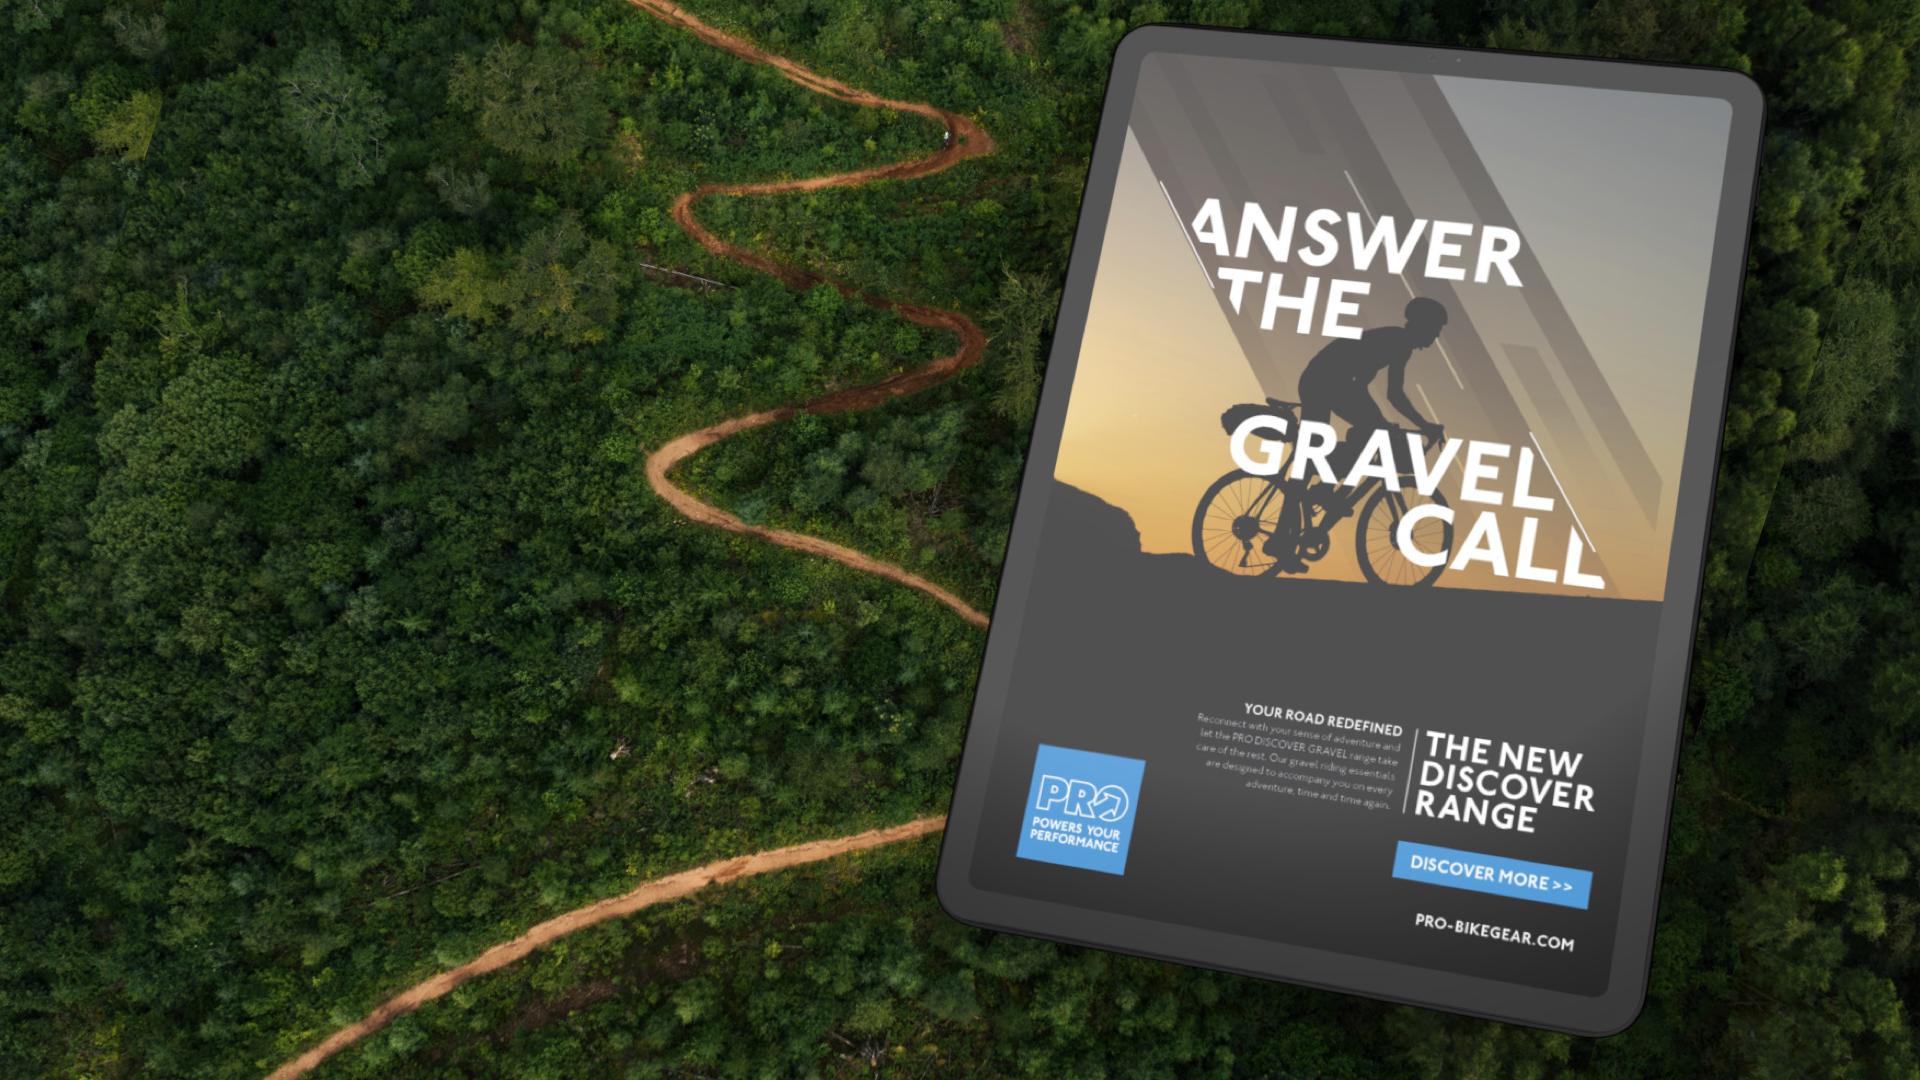 Slider PRO Bike Gear Discover Gravel 04